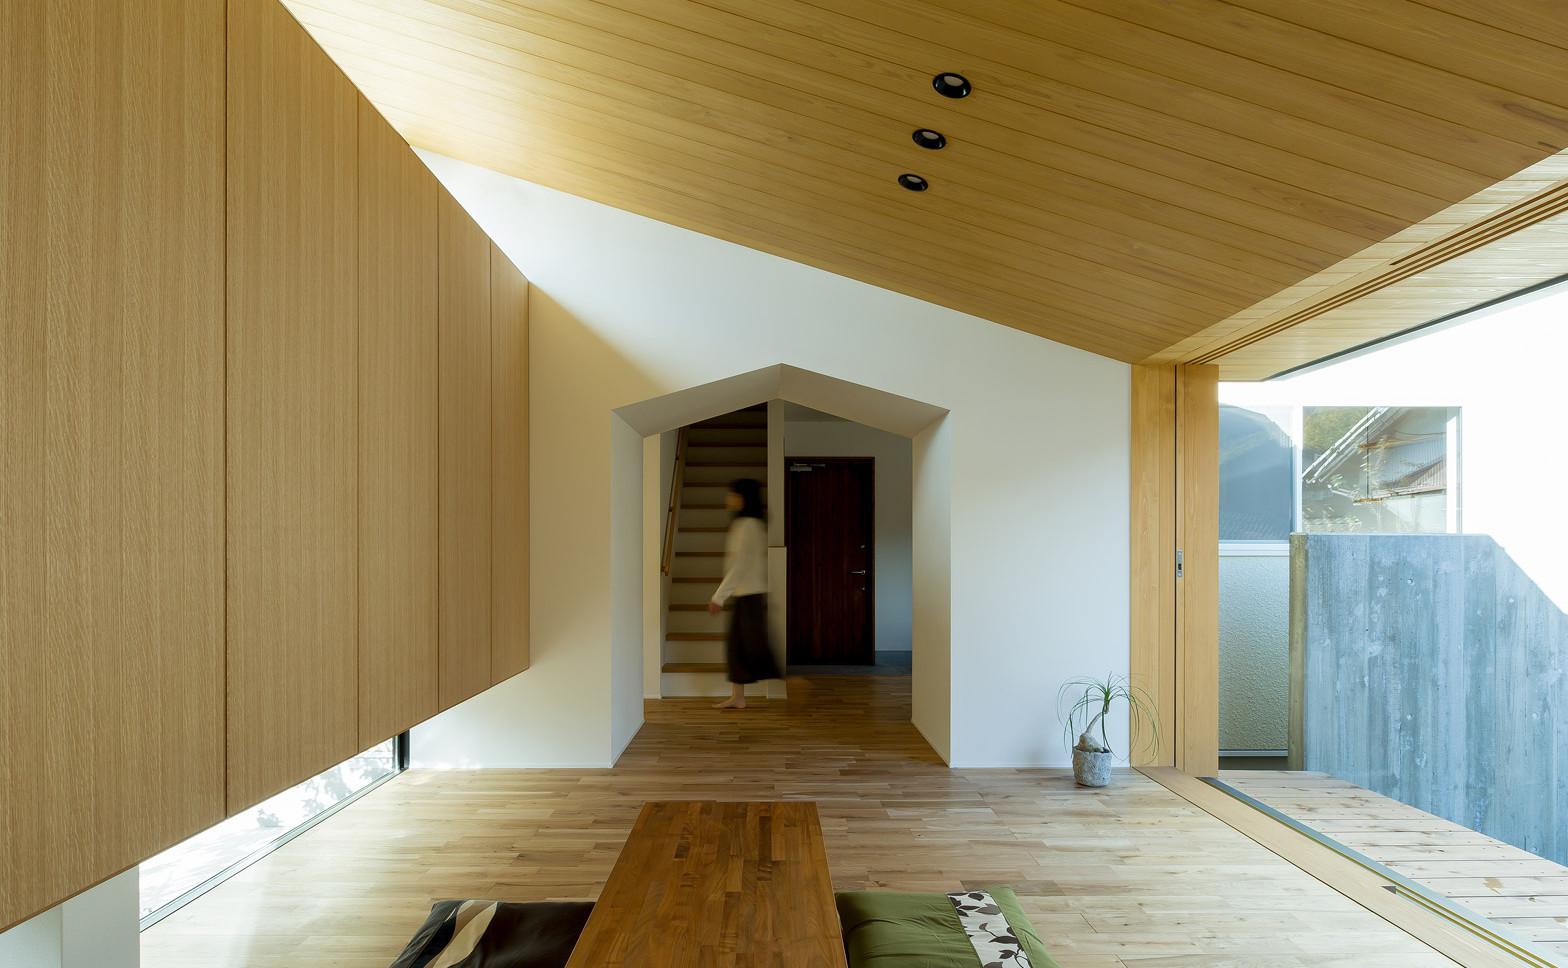 Maibara-House_Alts-Design-Office_Shiga_Japan_Yuta-Yamada_dezeen_1568_5